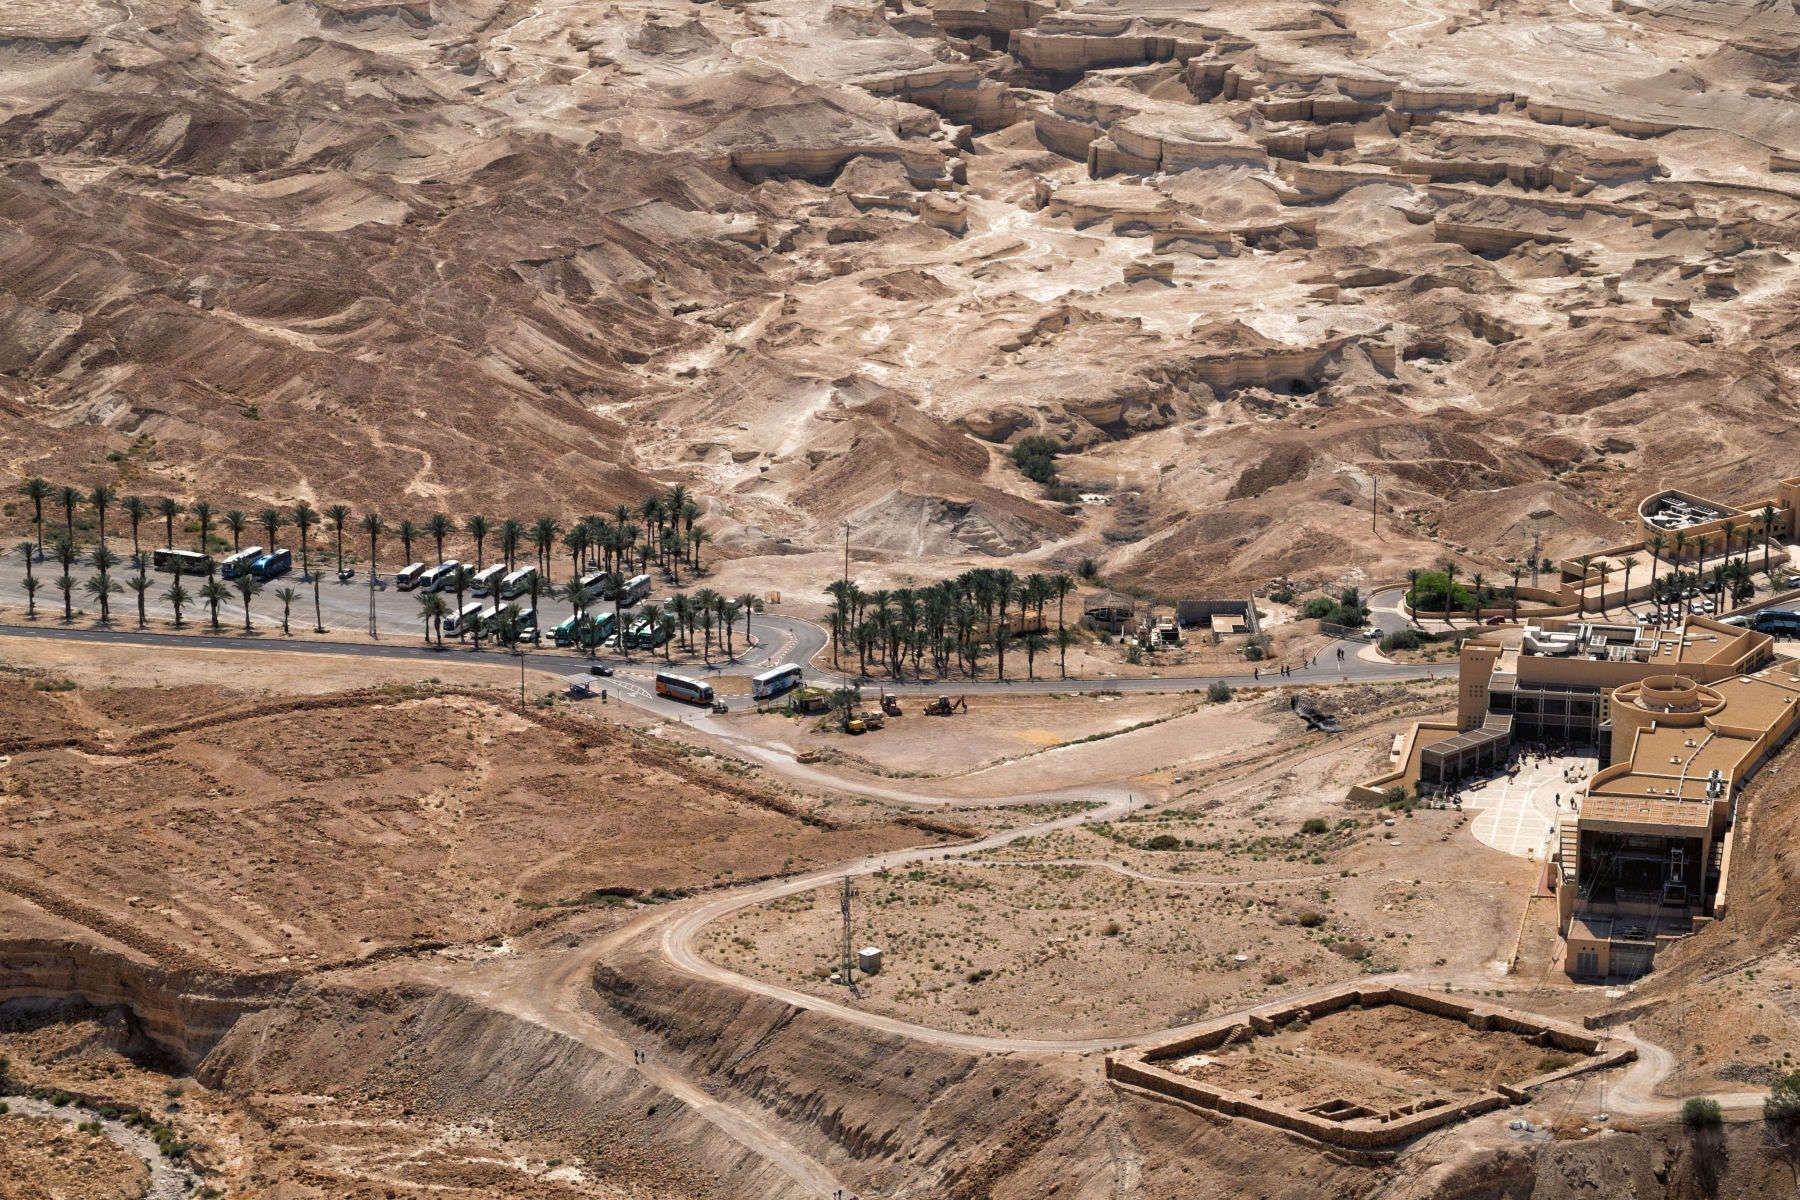 Negev, Israel 04/24/15